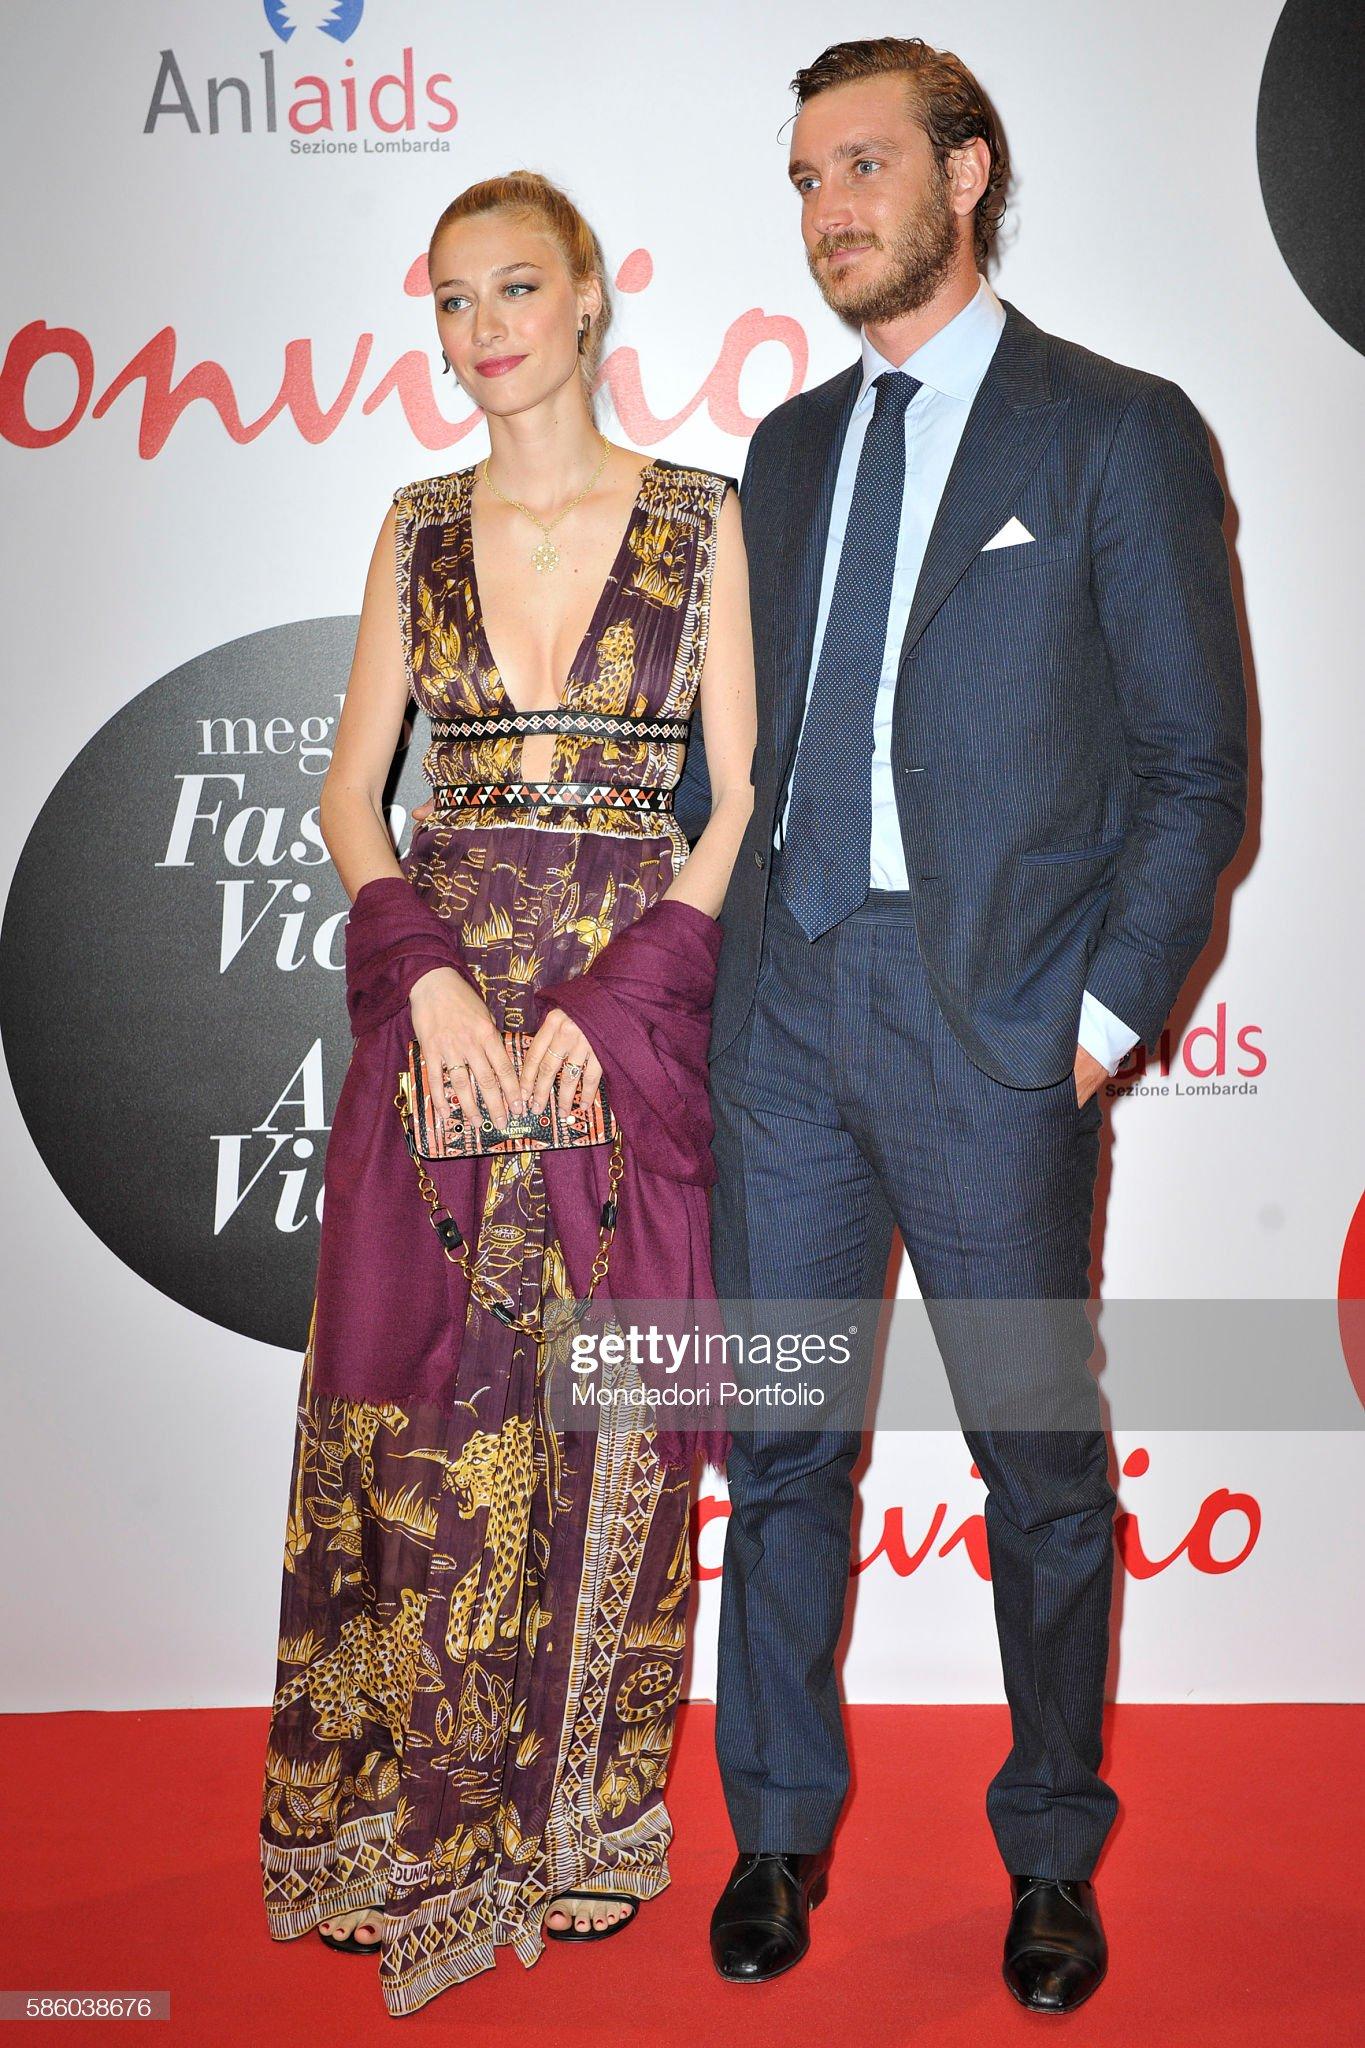 Beatrice Borromeo and Pierre Casiraghi at Convivio 2016 : News Photo